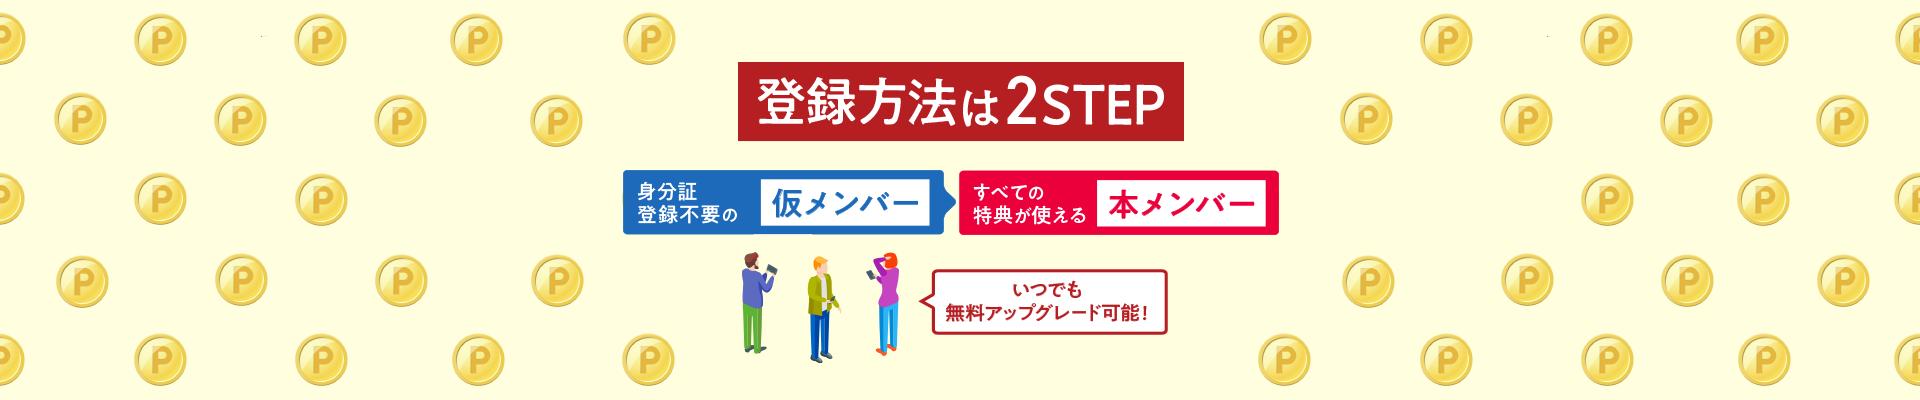 登録方法は2STEP 身分証登録不要の仮メンバー 全ての特典が使える本メンバー いつでも無料アップグレード可能!